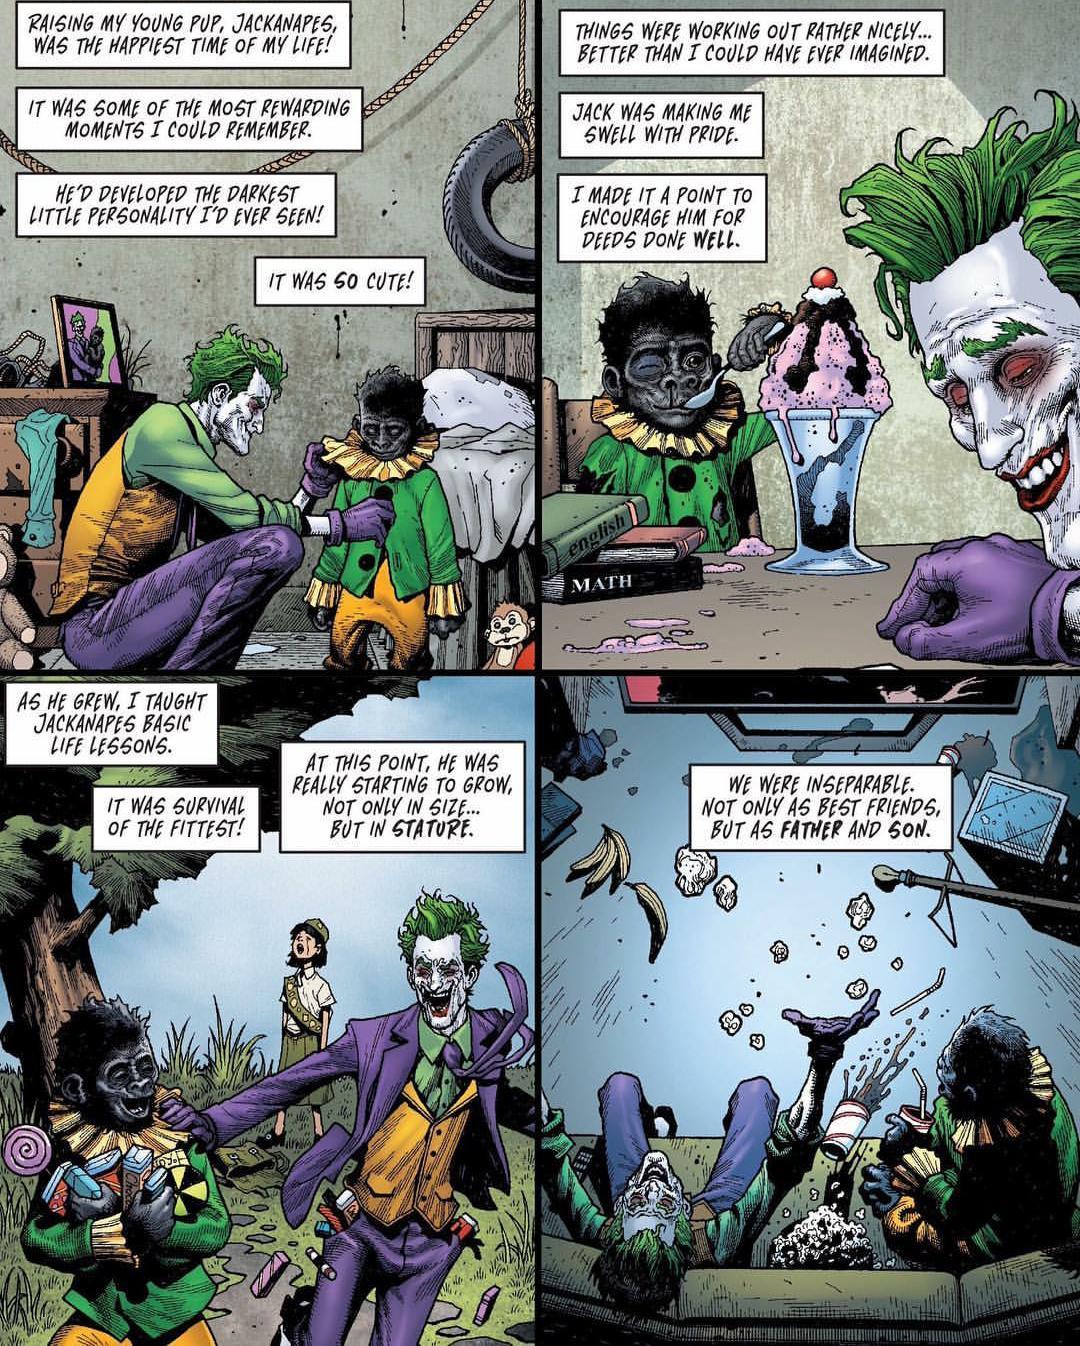 Joker and Jackanapes